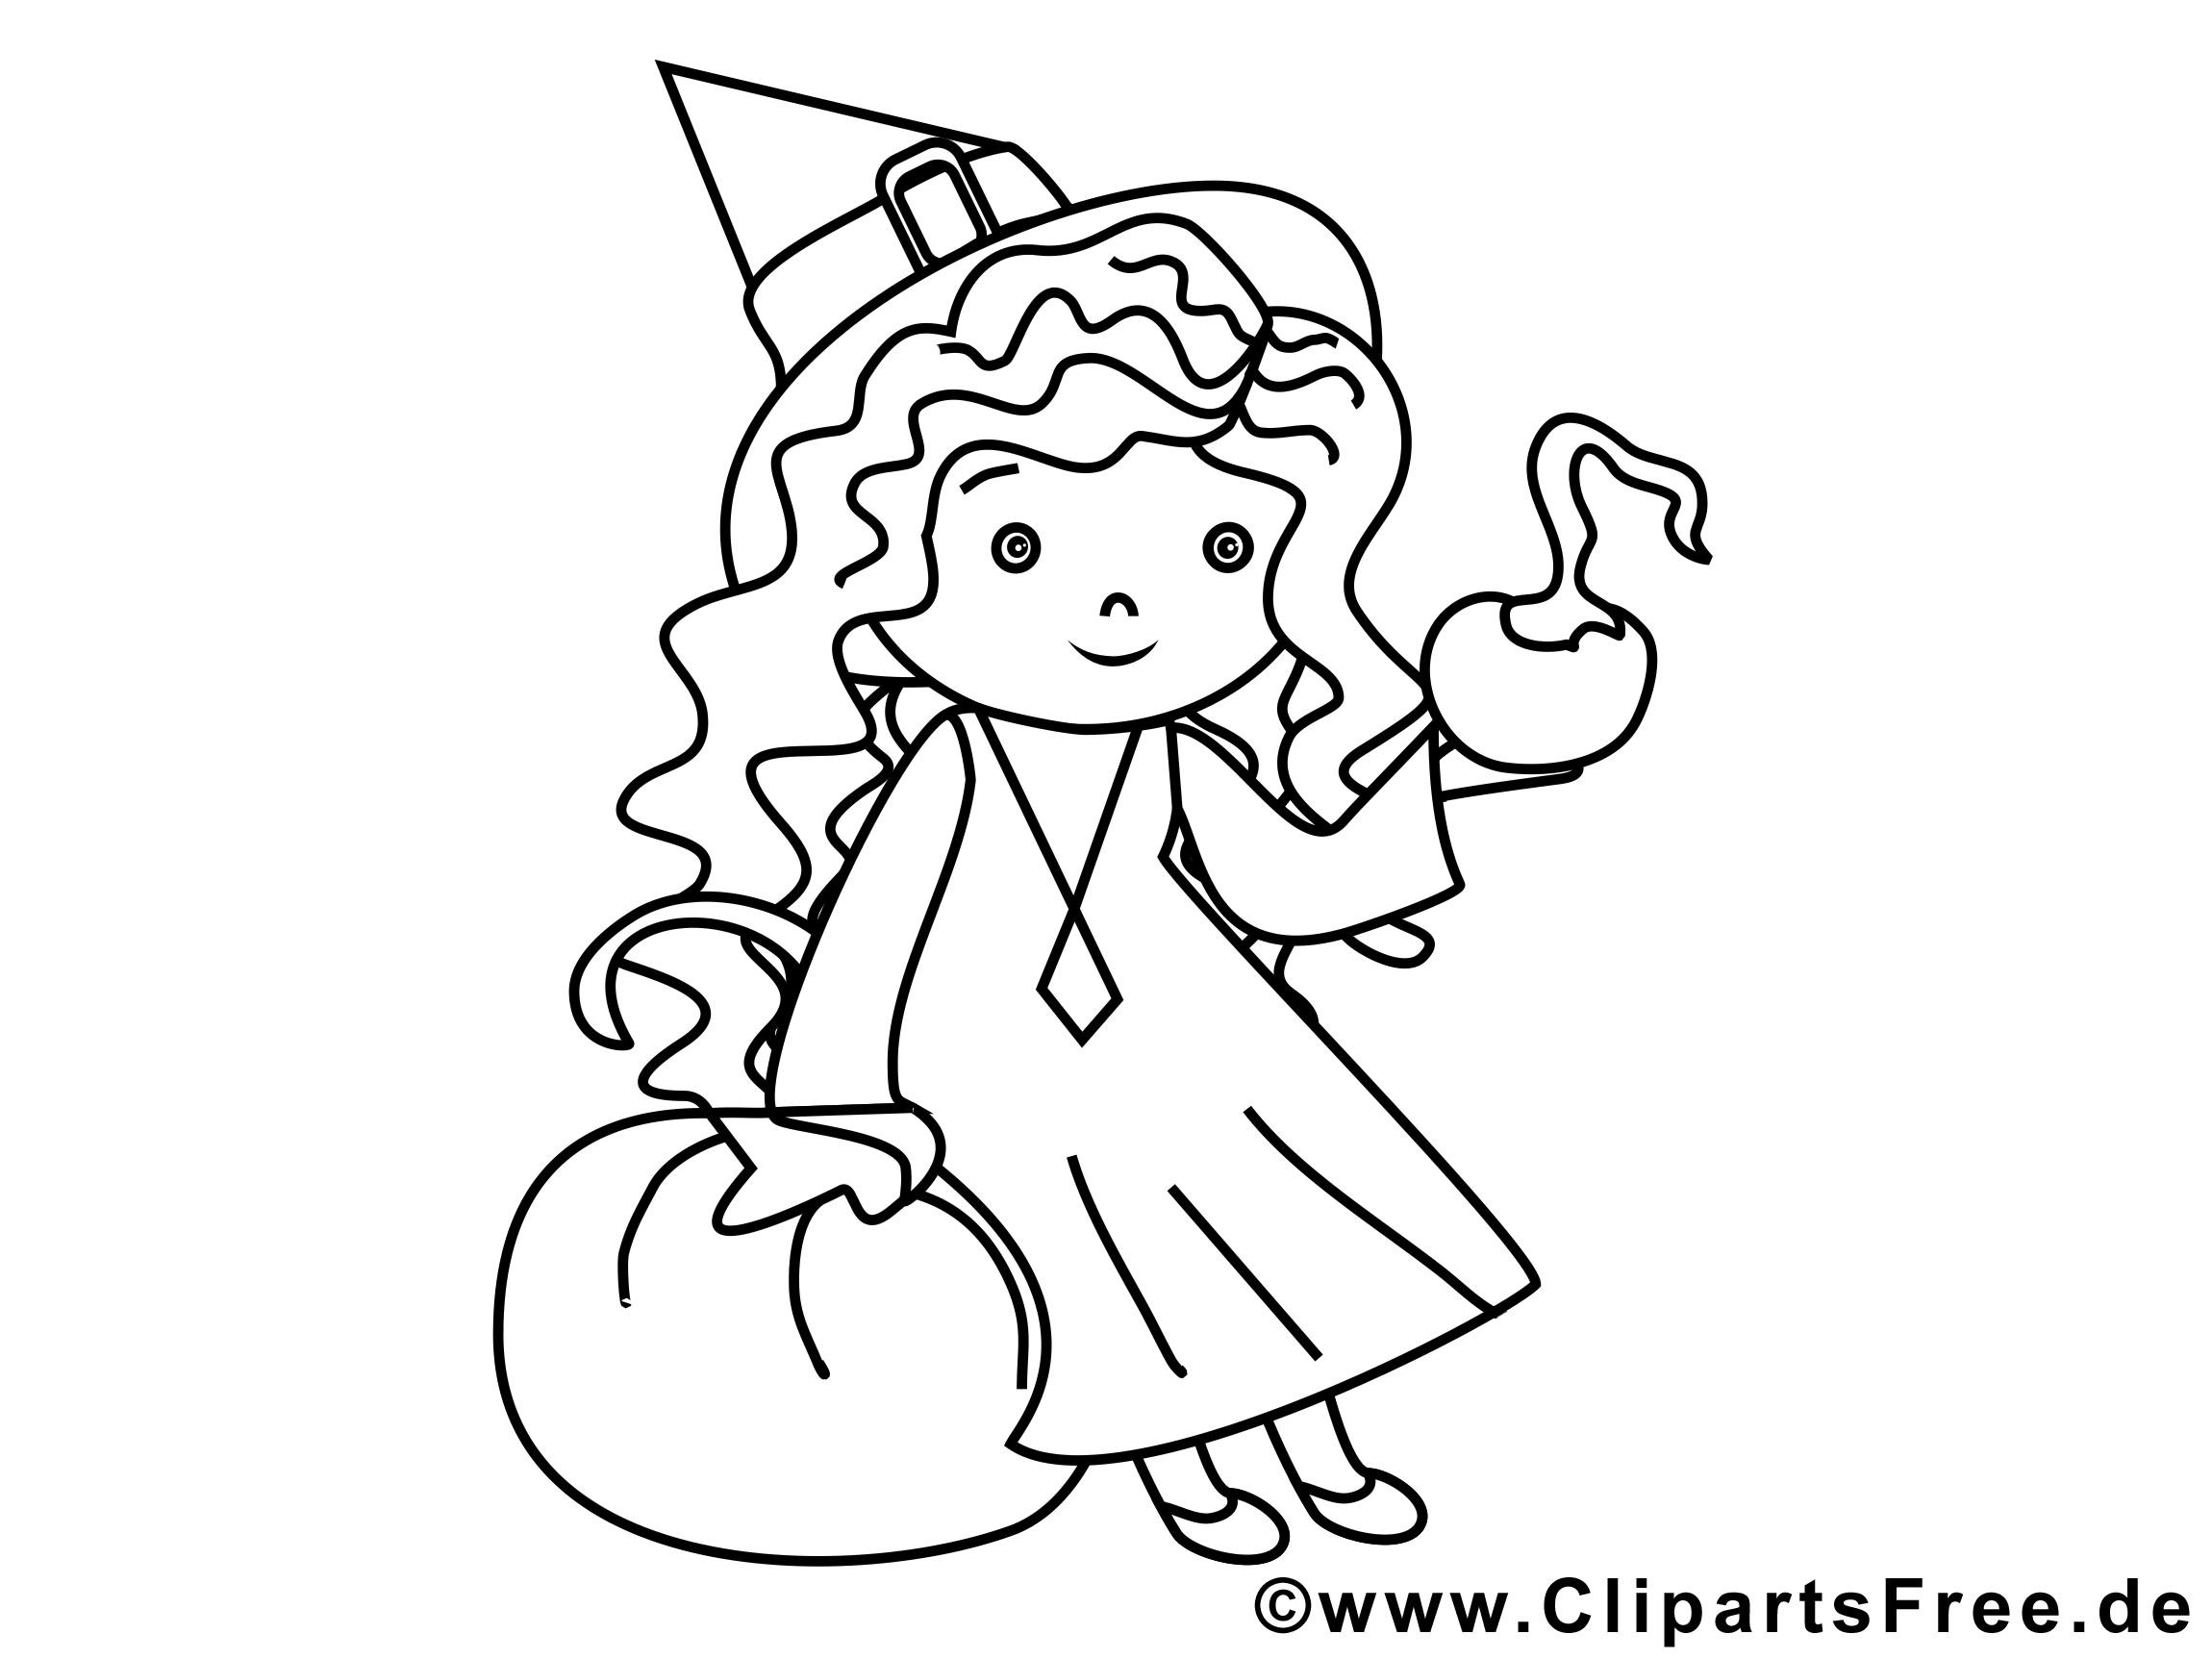 Petite sorcière images gratuites – Halloween à colorier